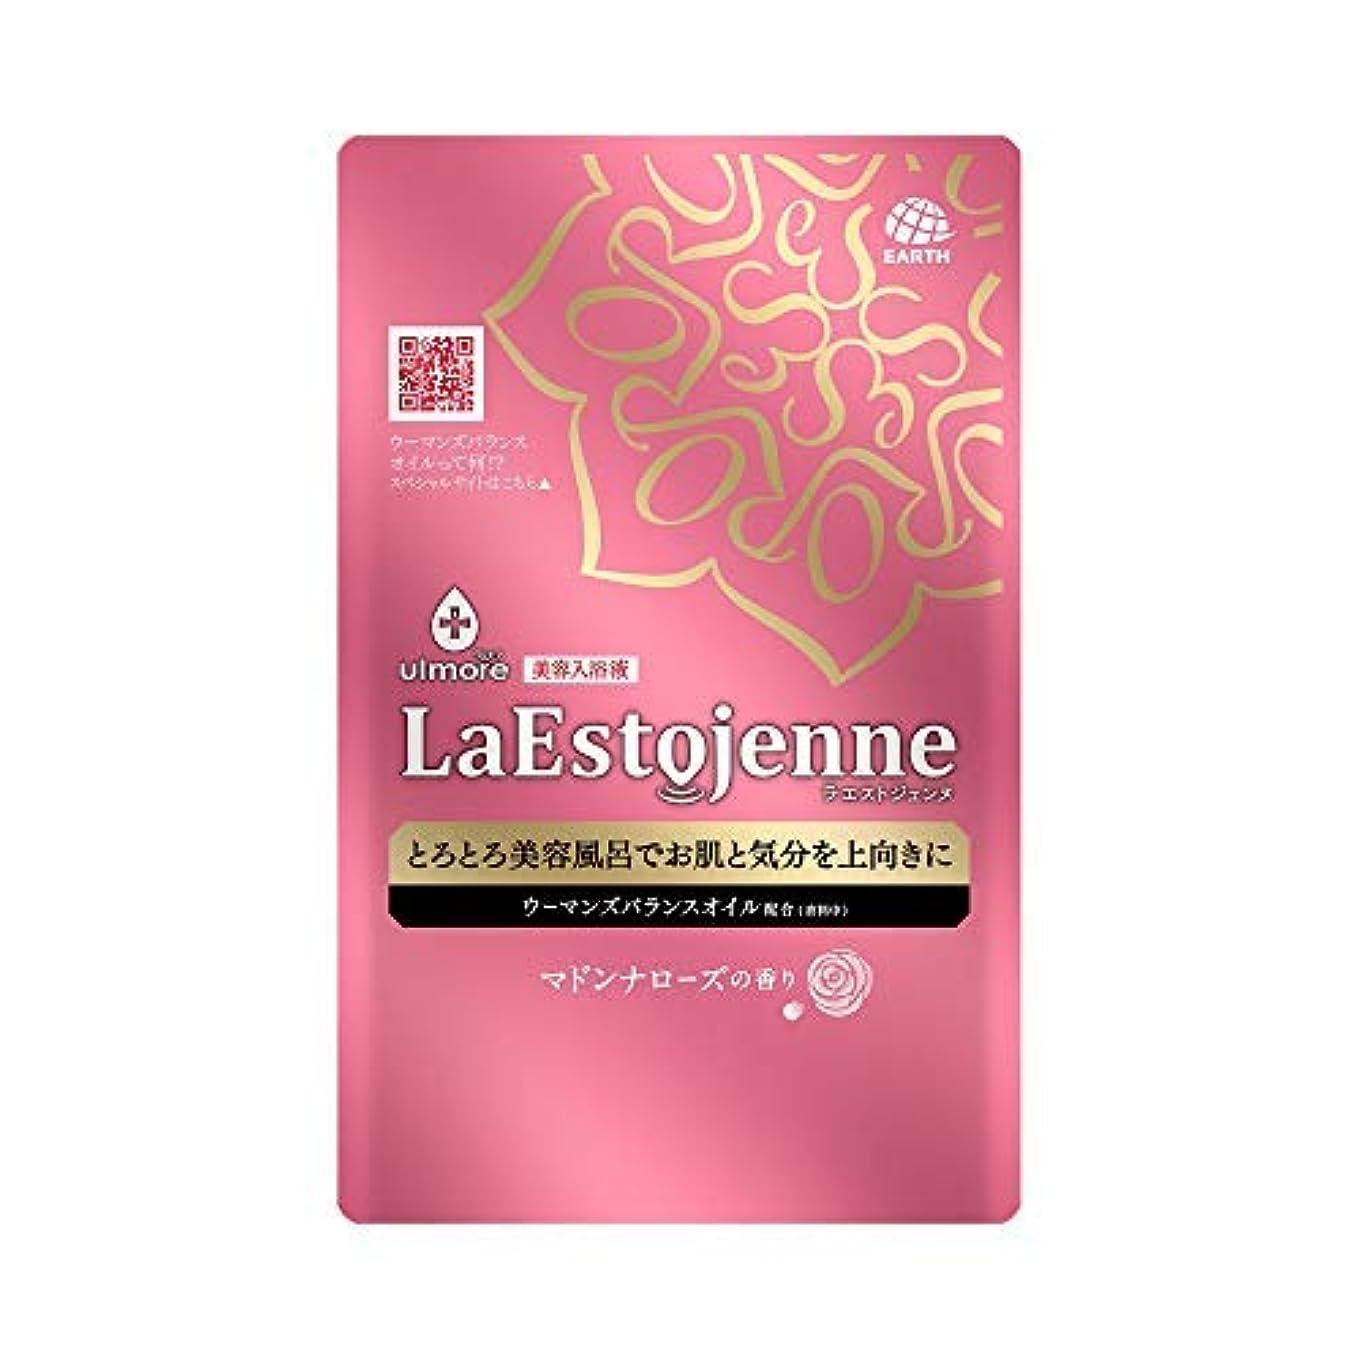 アジア人お文明化するウルモア ラエストジェンヌ マドンナローズの香り 1包 × 8個セット